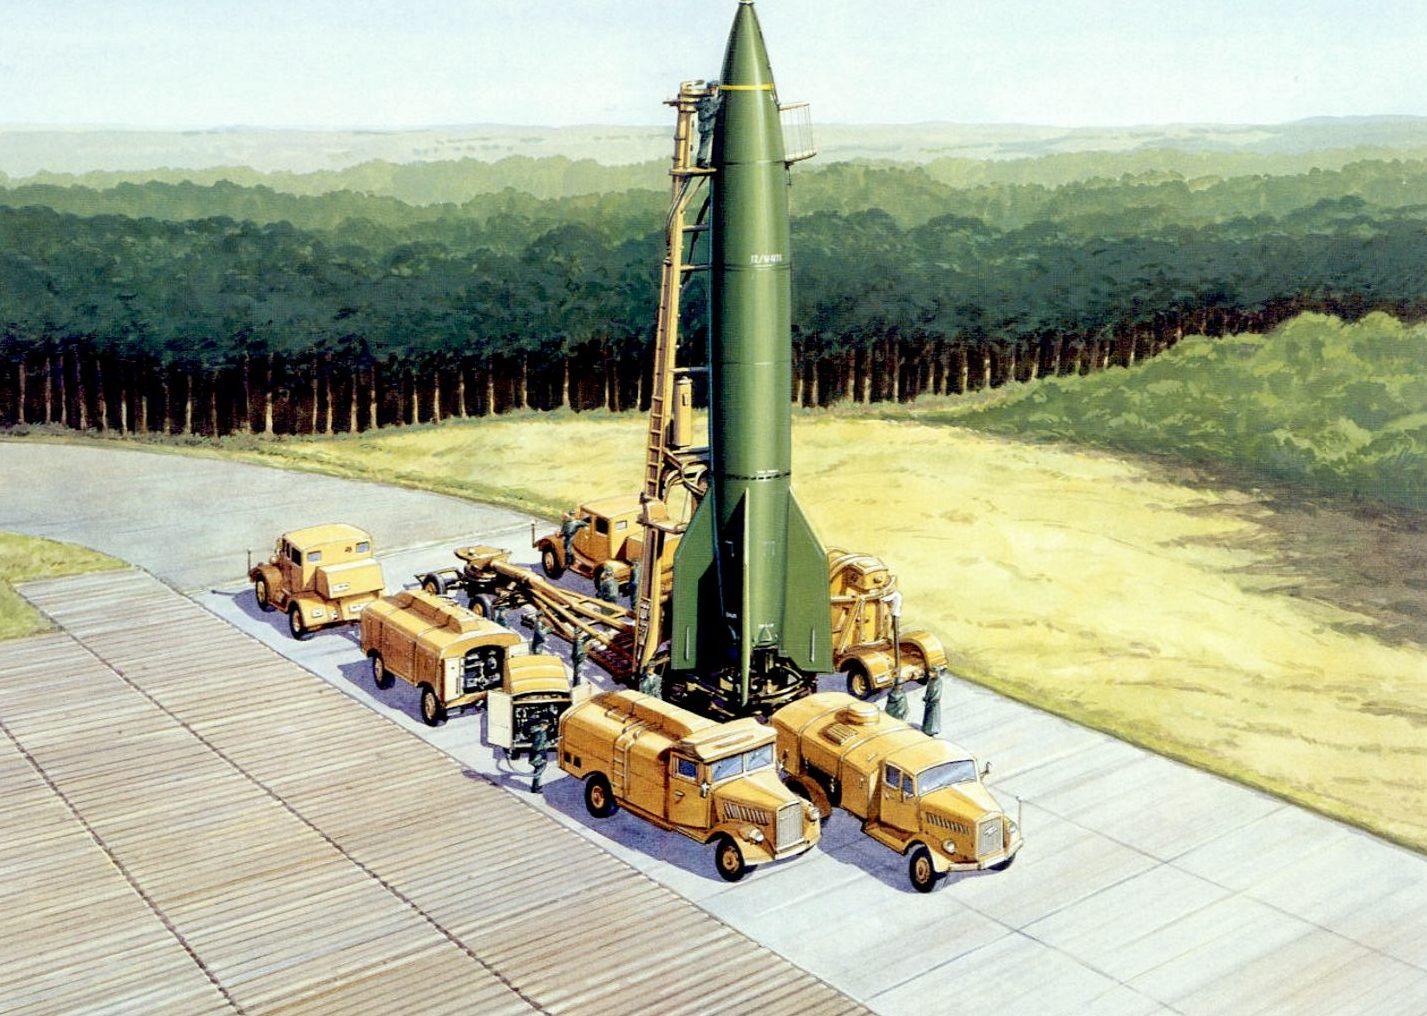 Calow Robert. Запуск ракеты V-2 с мобильной установки.